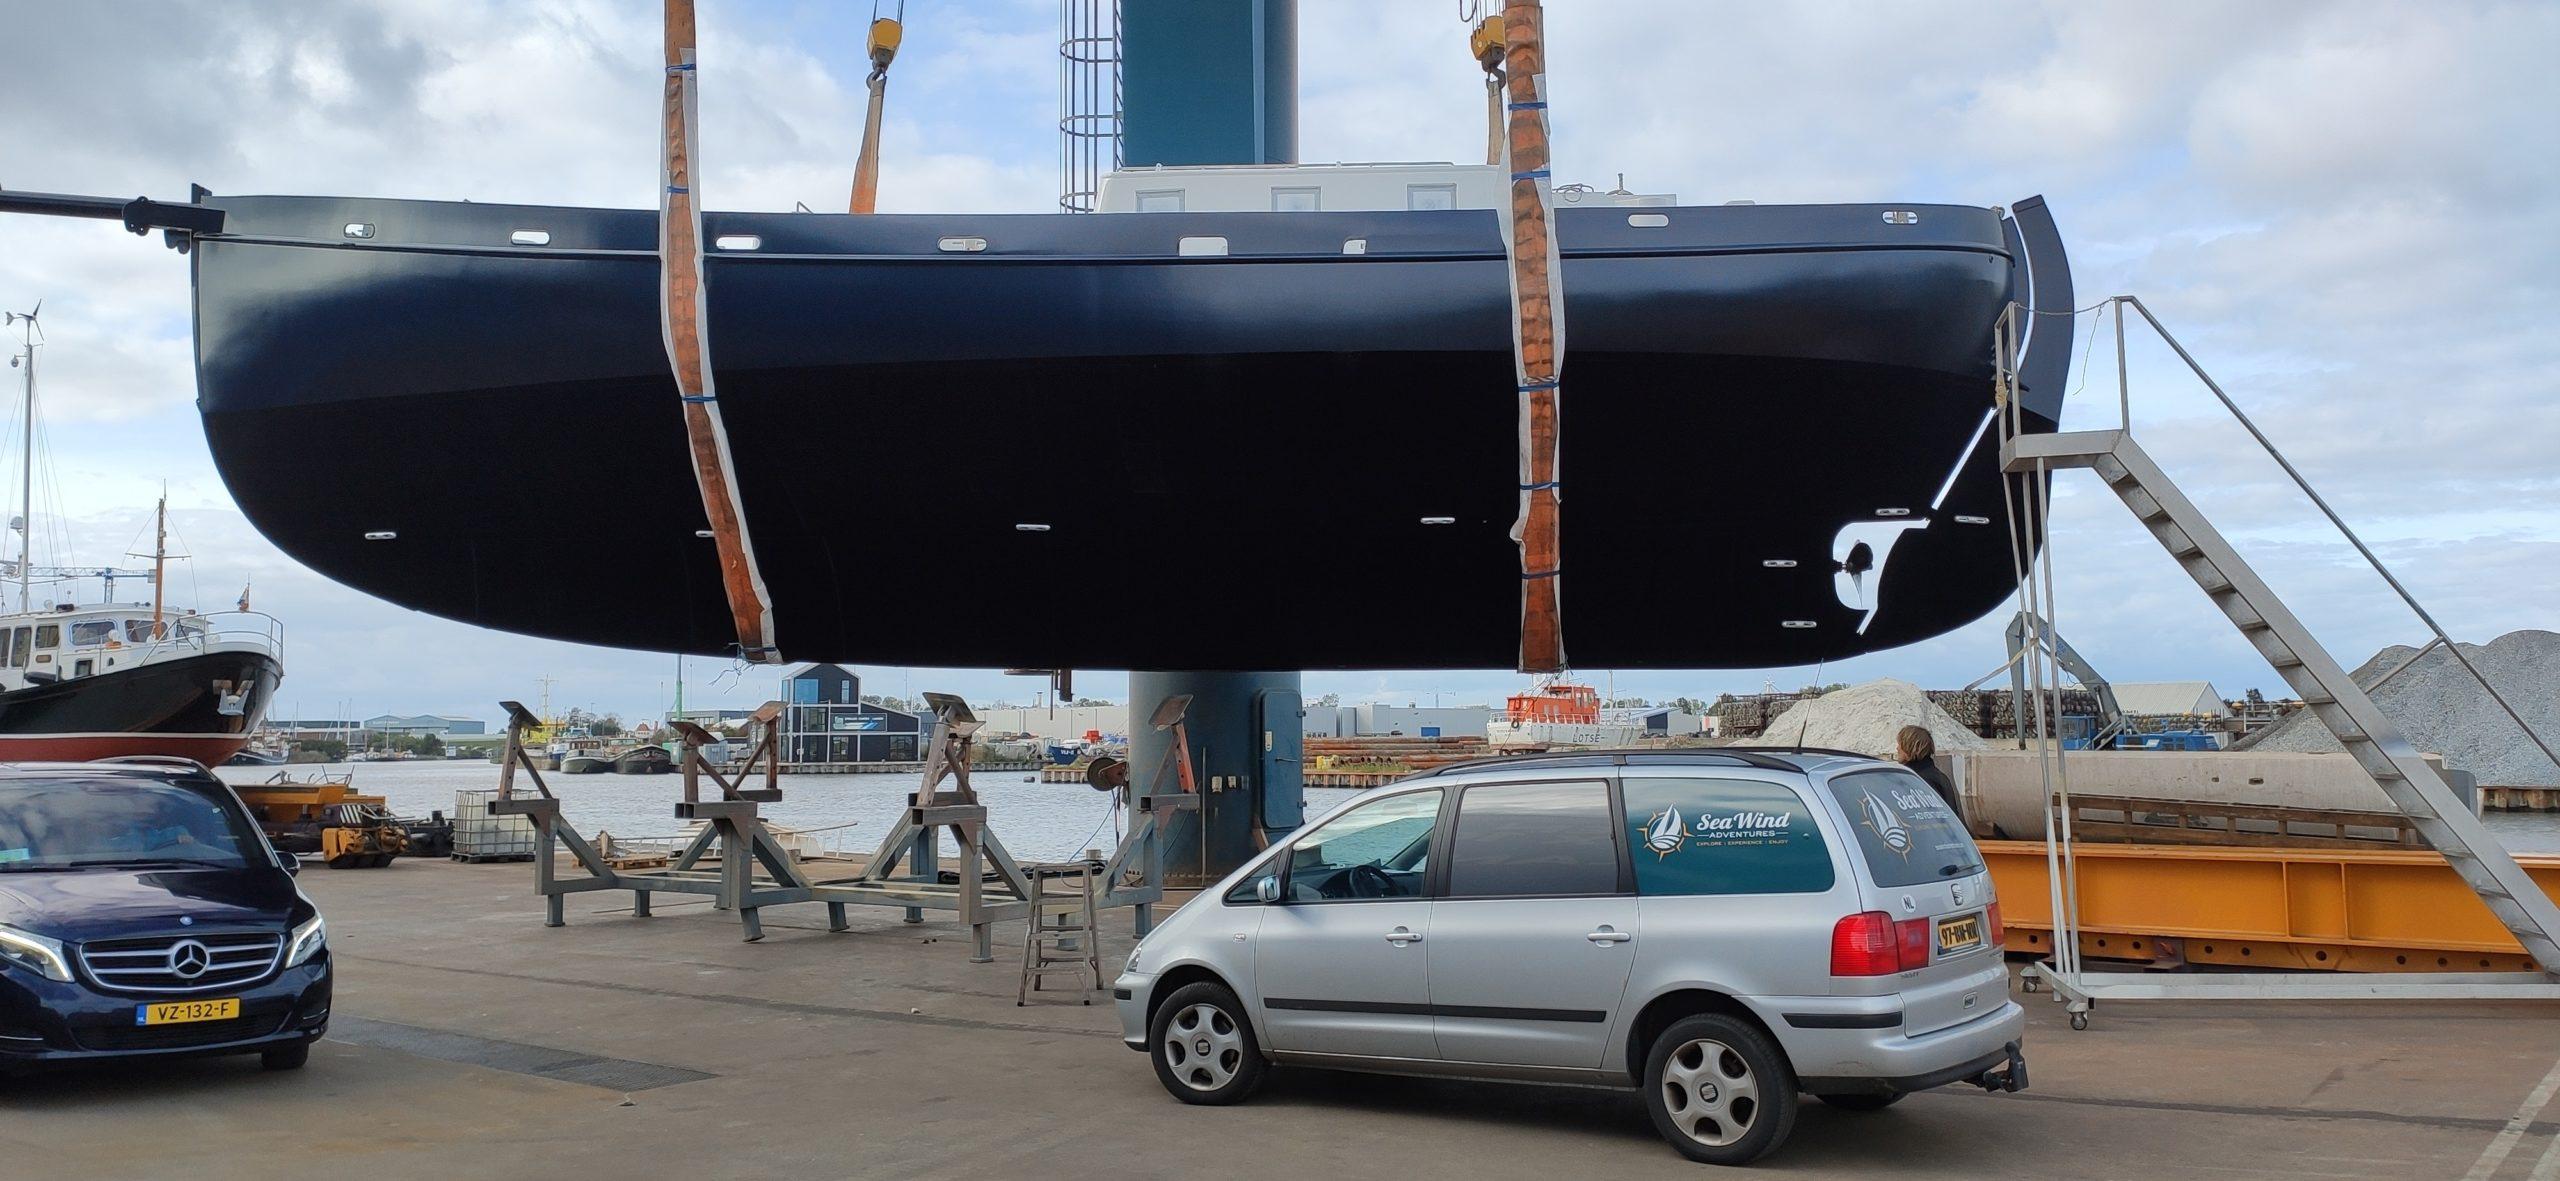 Baltic zeilschip Colin Archer werf Harlingen